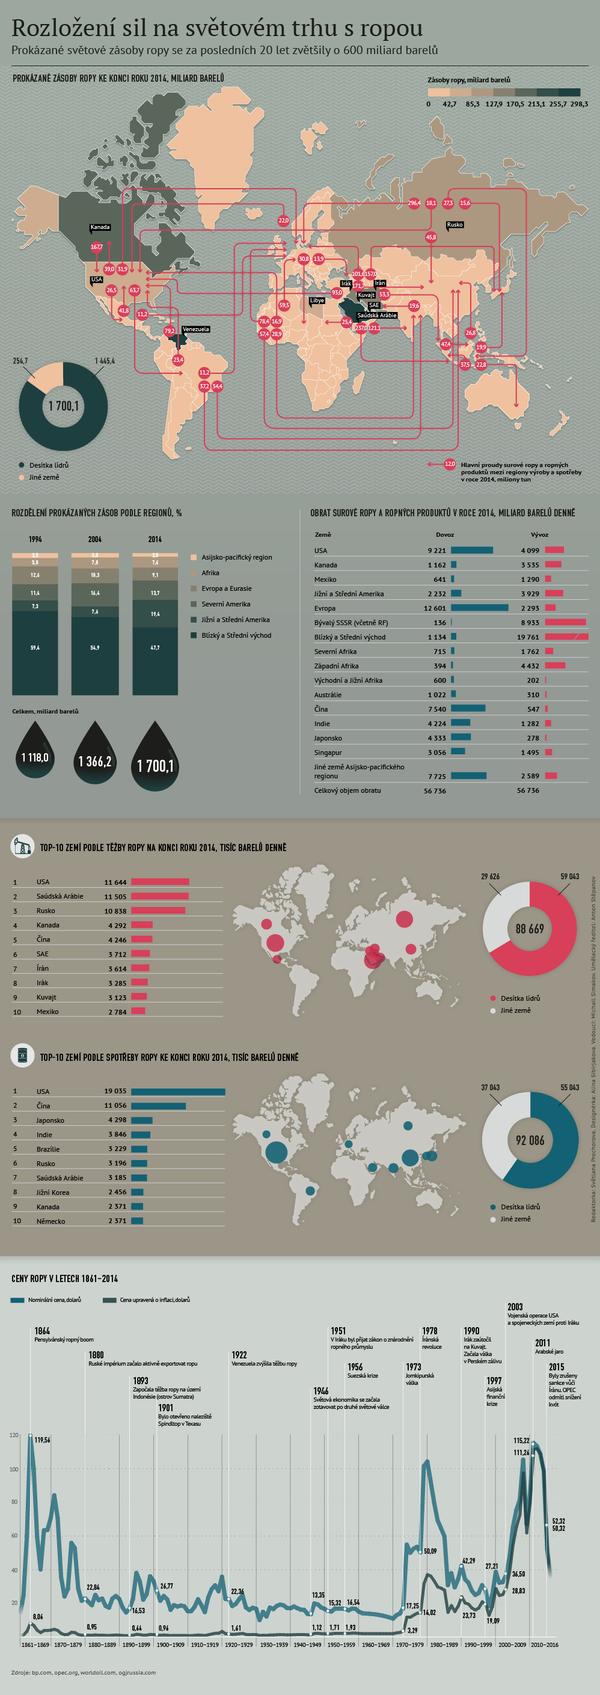 Rozložení sil na světovém trhu s ropou - Sputnik Česká republika